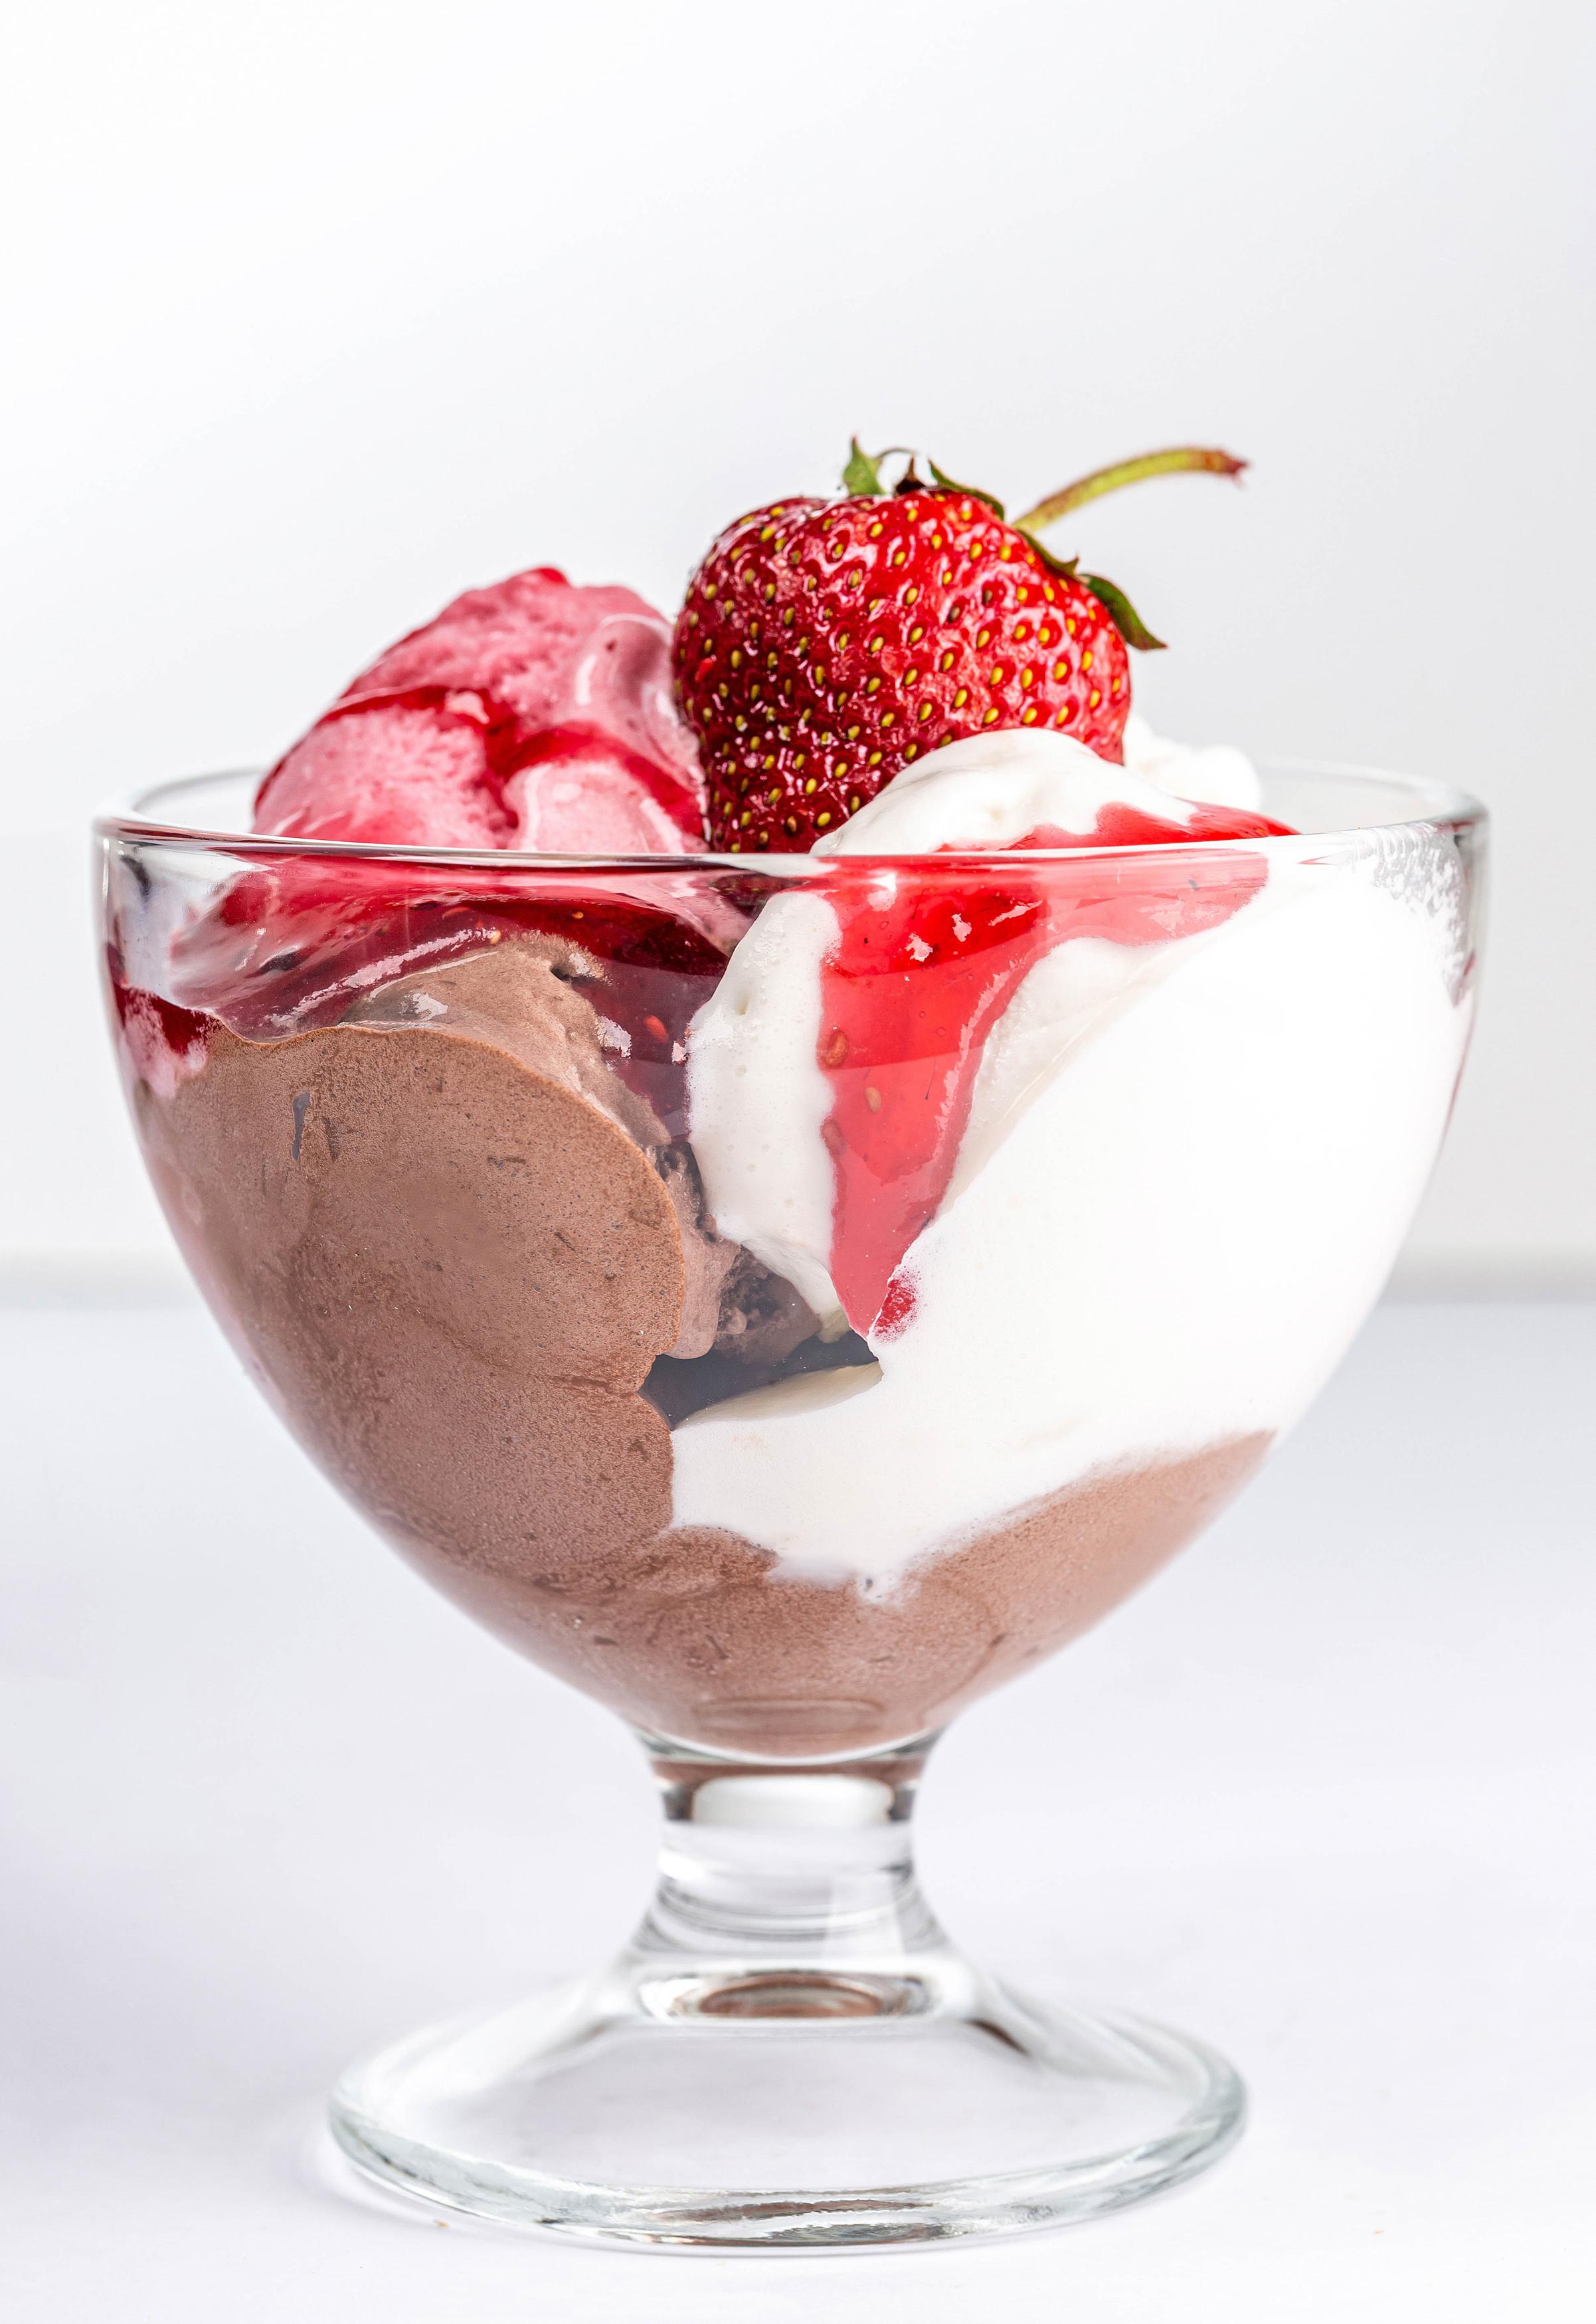 Картинки Мороженое Миска Клубника Еда  для мобильного телефона Пища Продукты питания